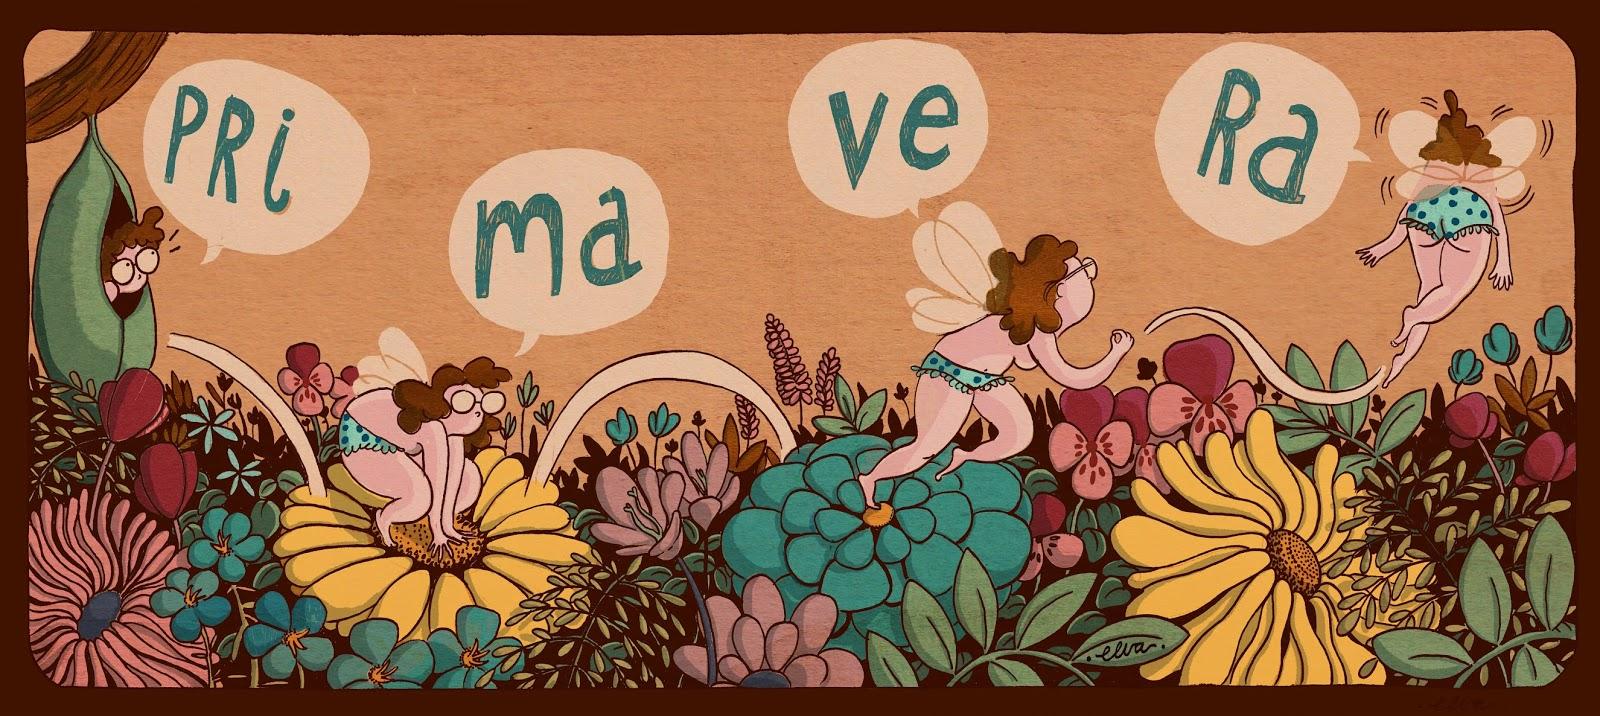 Concurso De Dibujo Urbano En Libreta Fnac Madrid: Elva V. Lombardía: Septiembre 2014